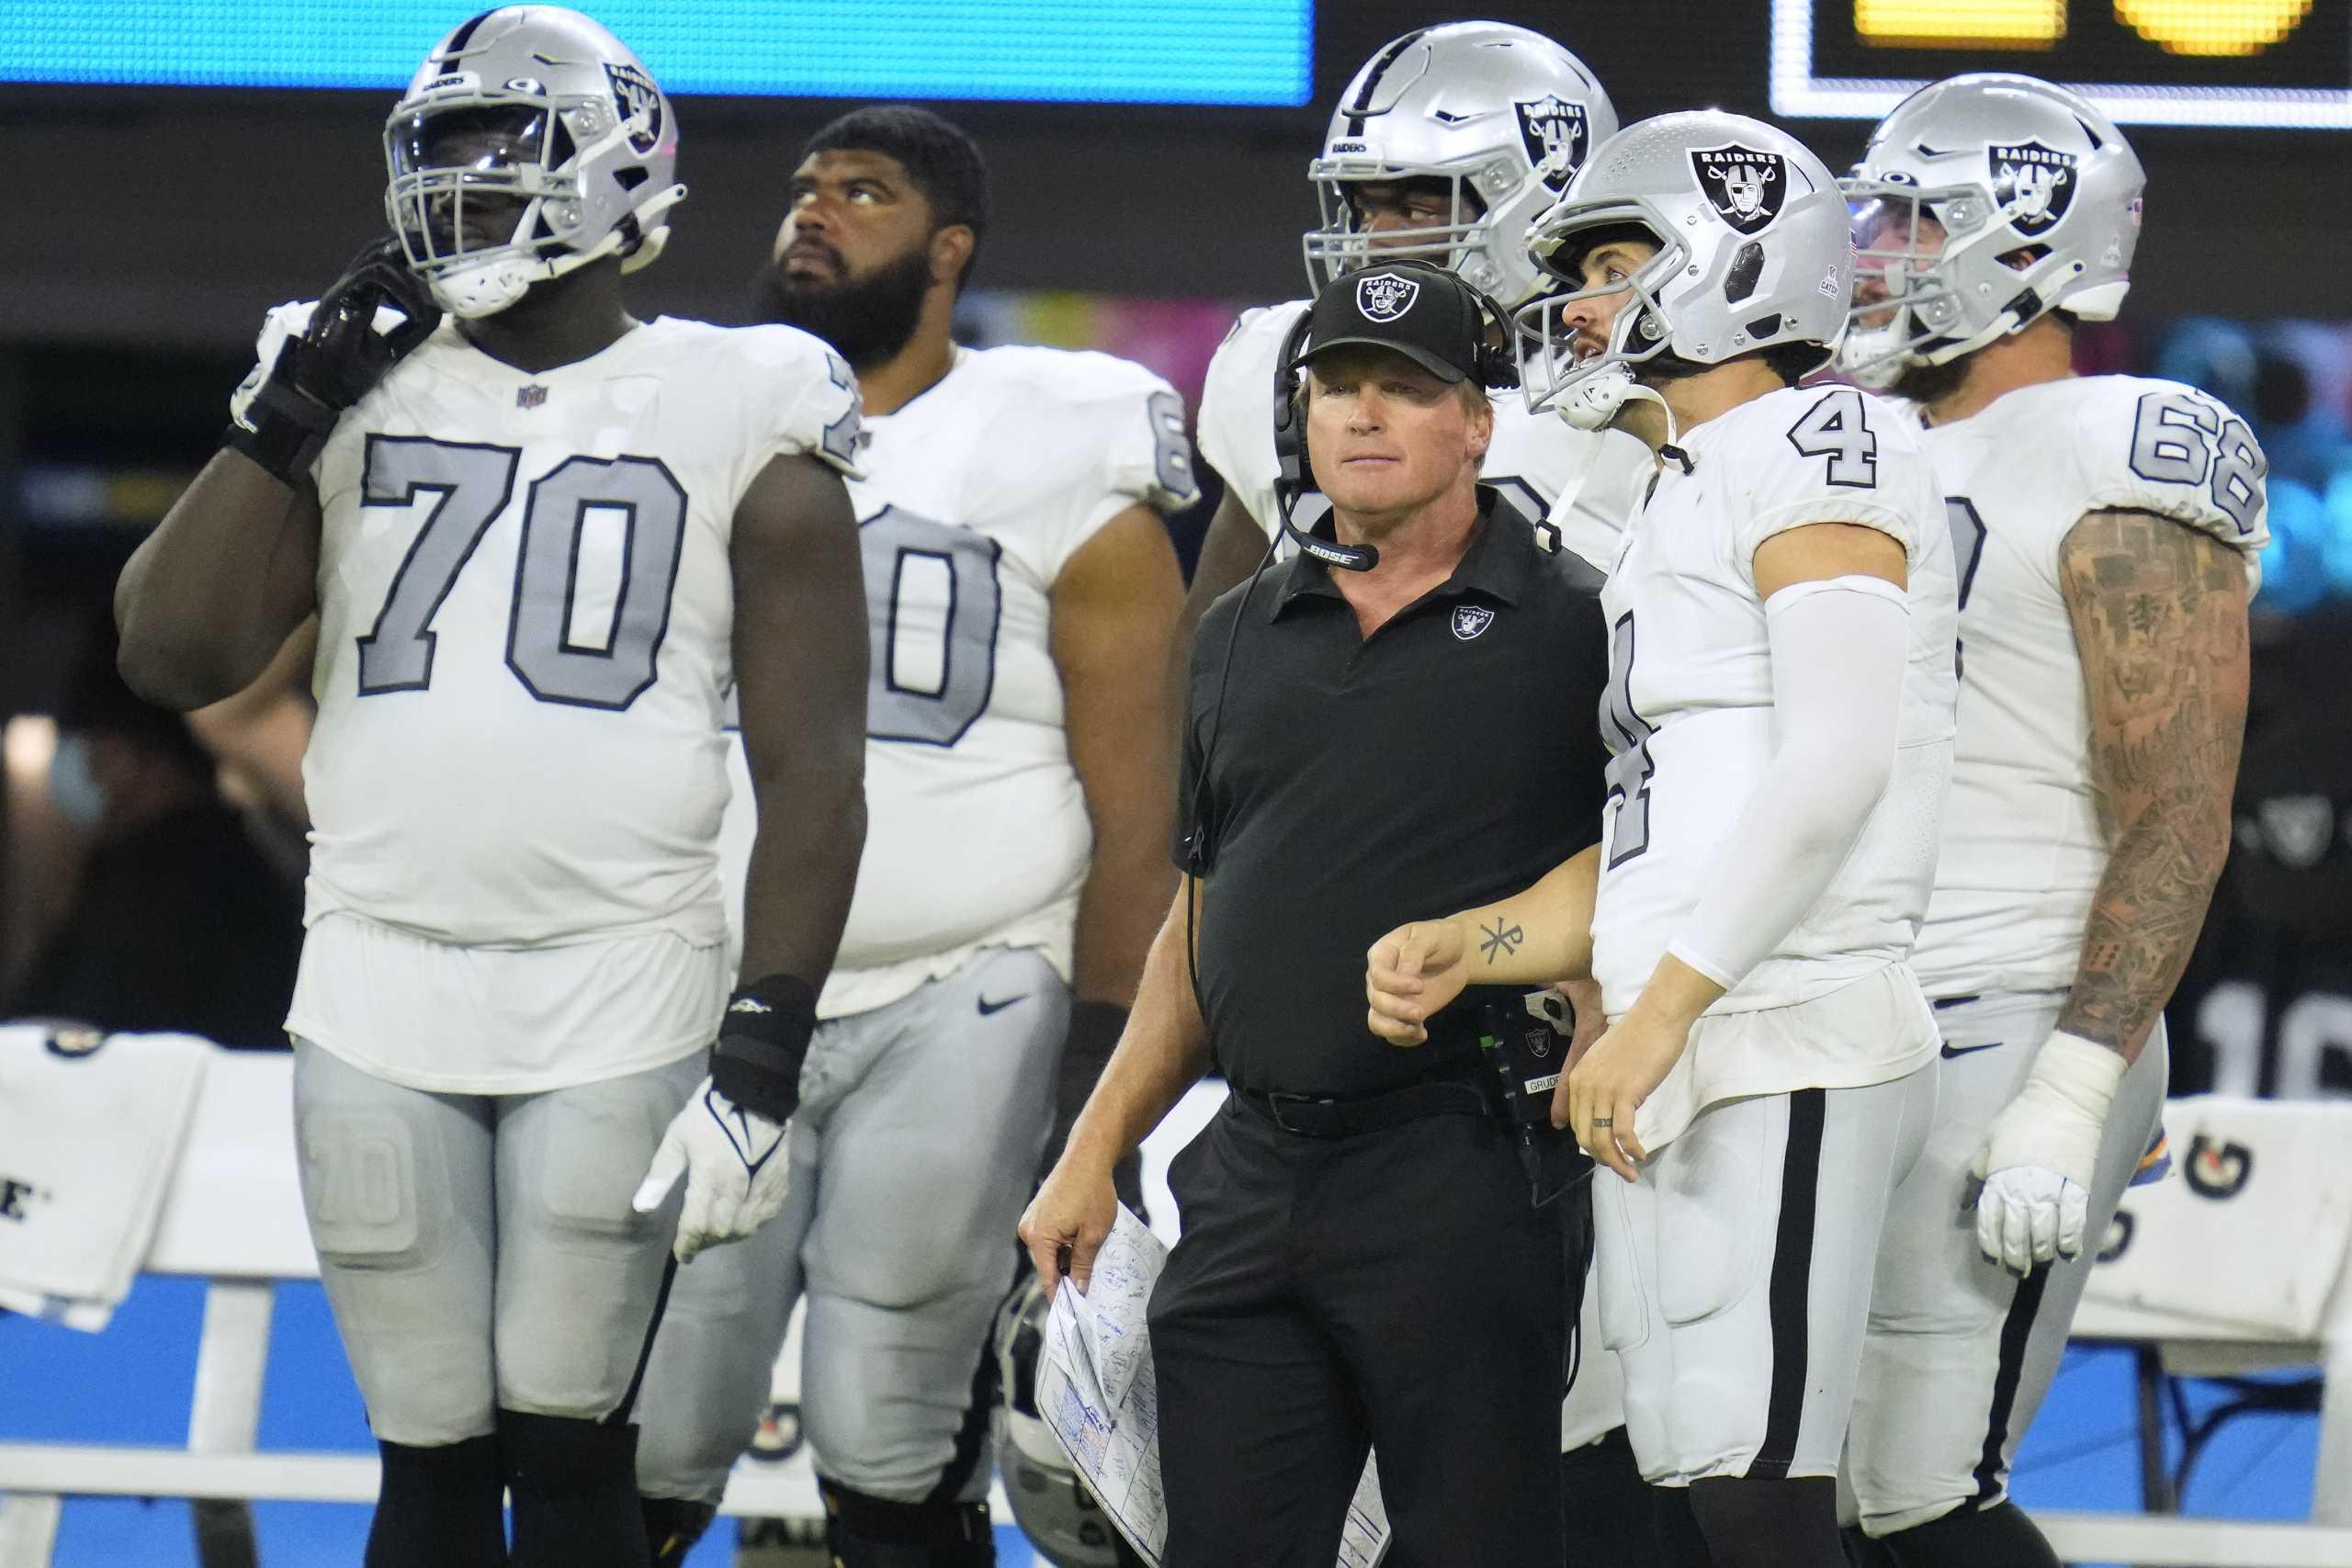 NFL: Προπονητής παραιτήθηκε μετά ρατσιστικά και ομοφοβικά σχόλια που έκανε